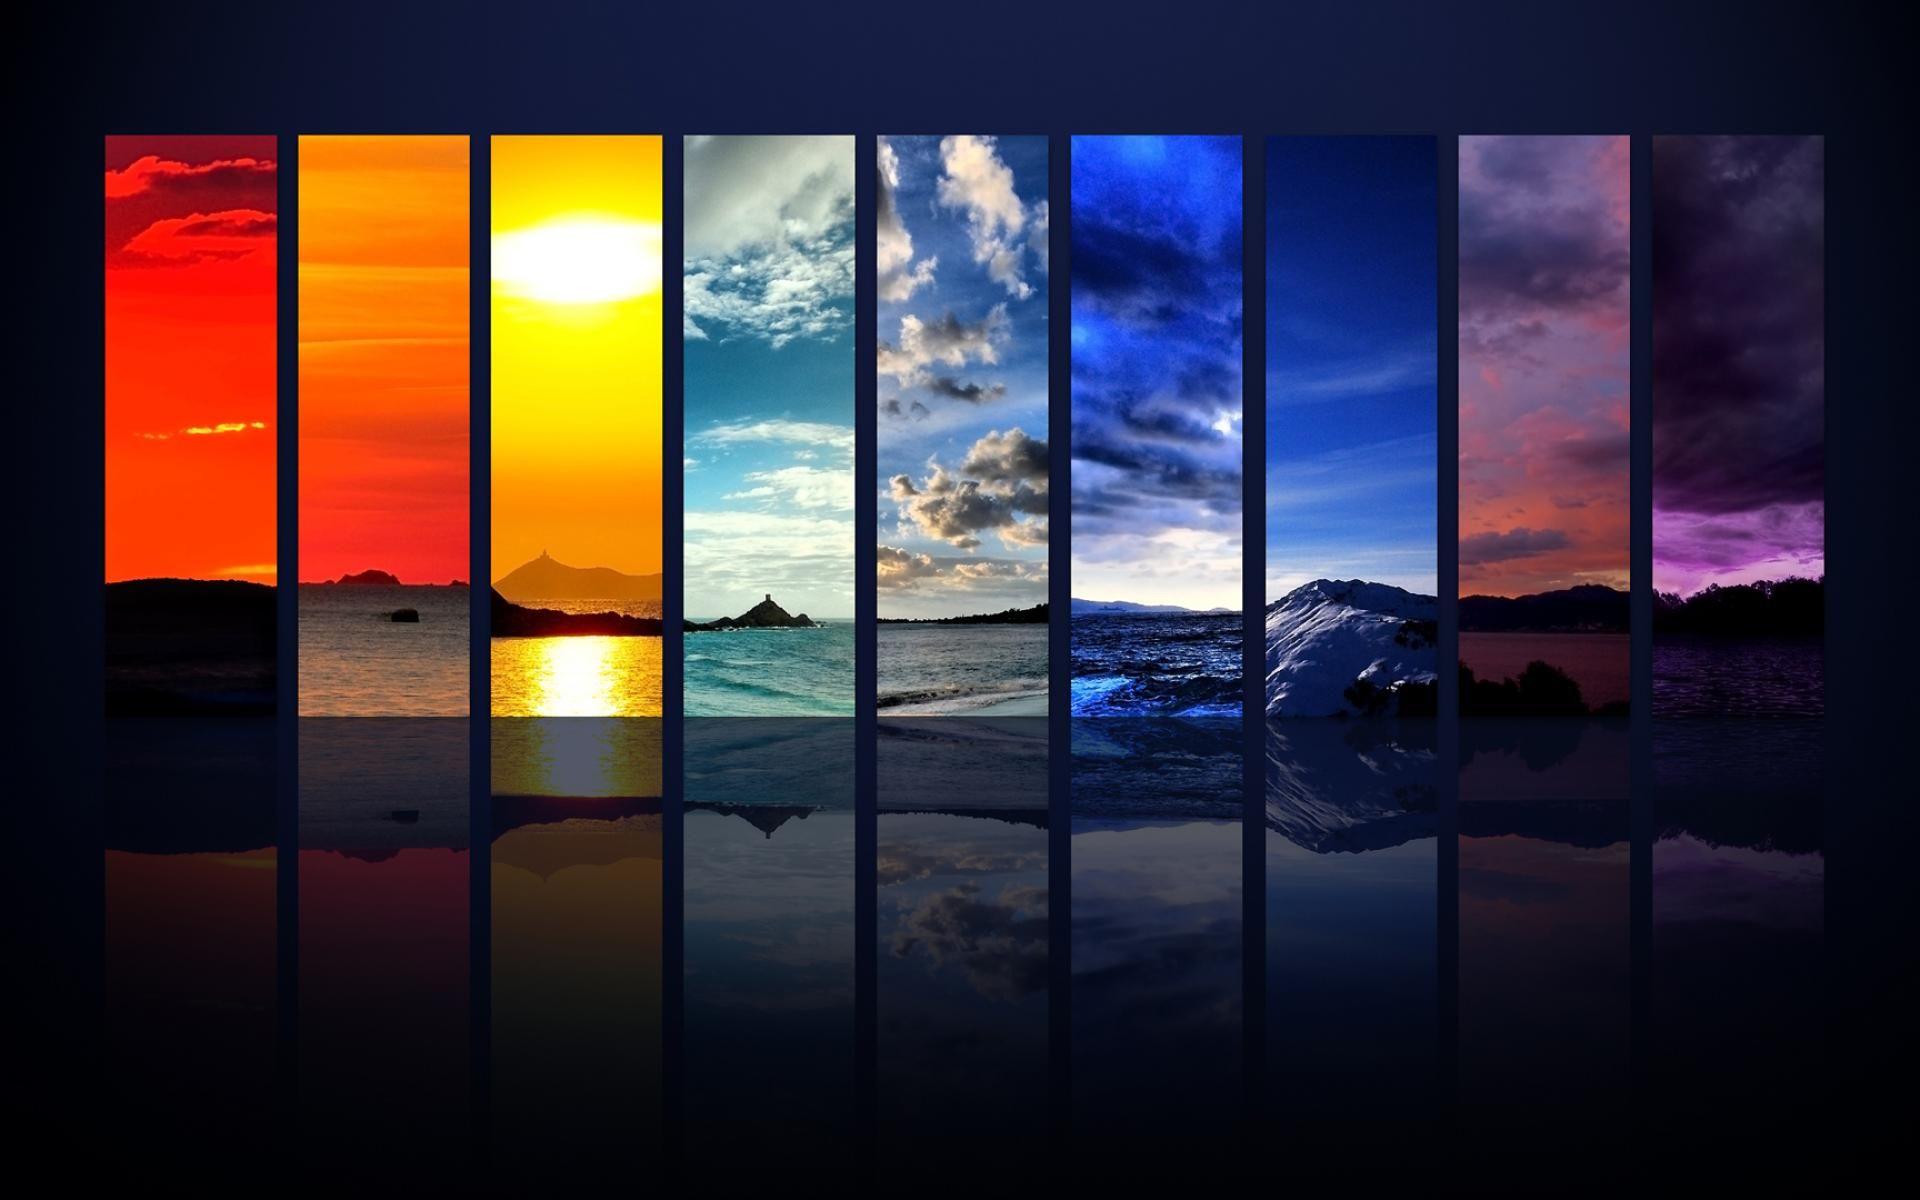 Popular Wallpaper Mac Artsy - 8c3f84ffe2d15d943d4601ef2fa21c87  Gallery_852097.jpg